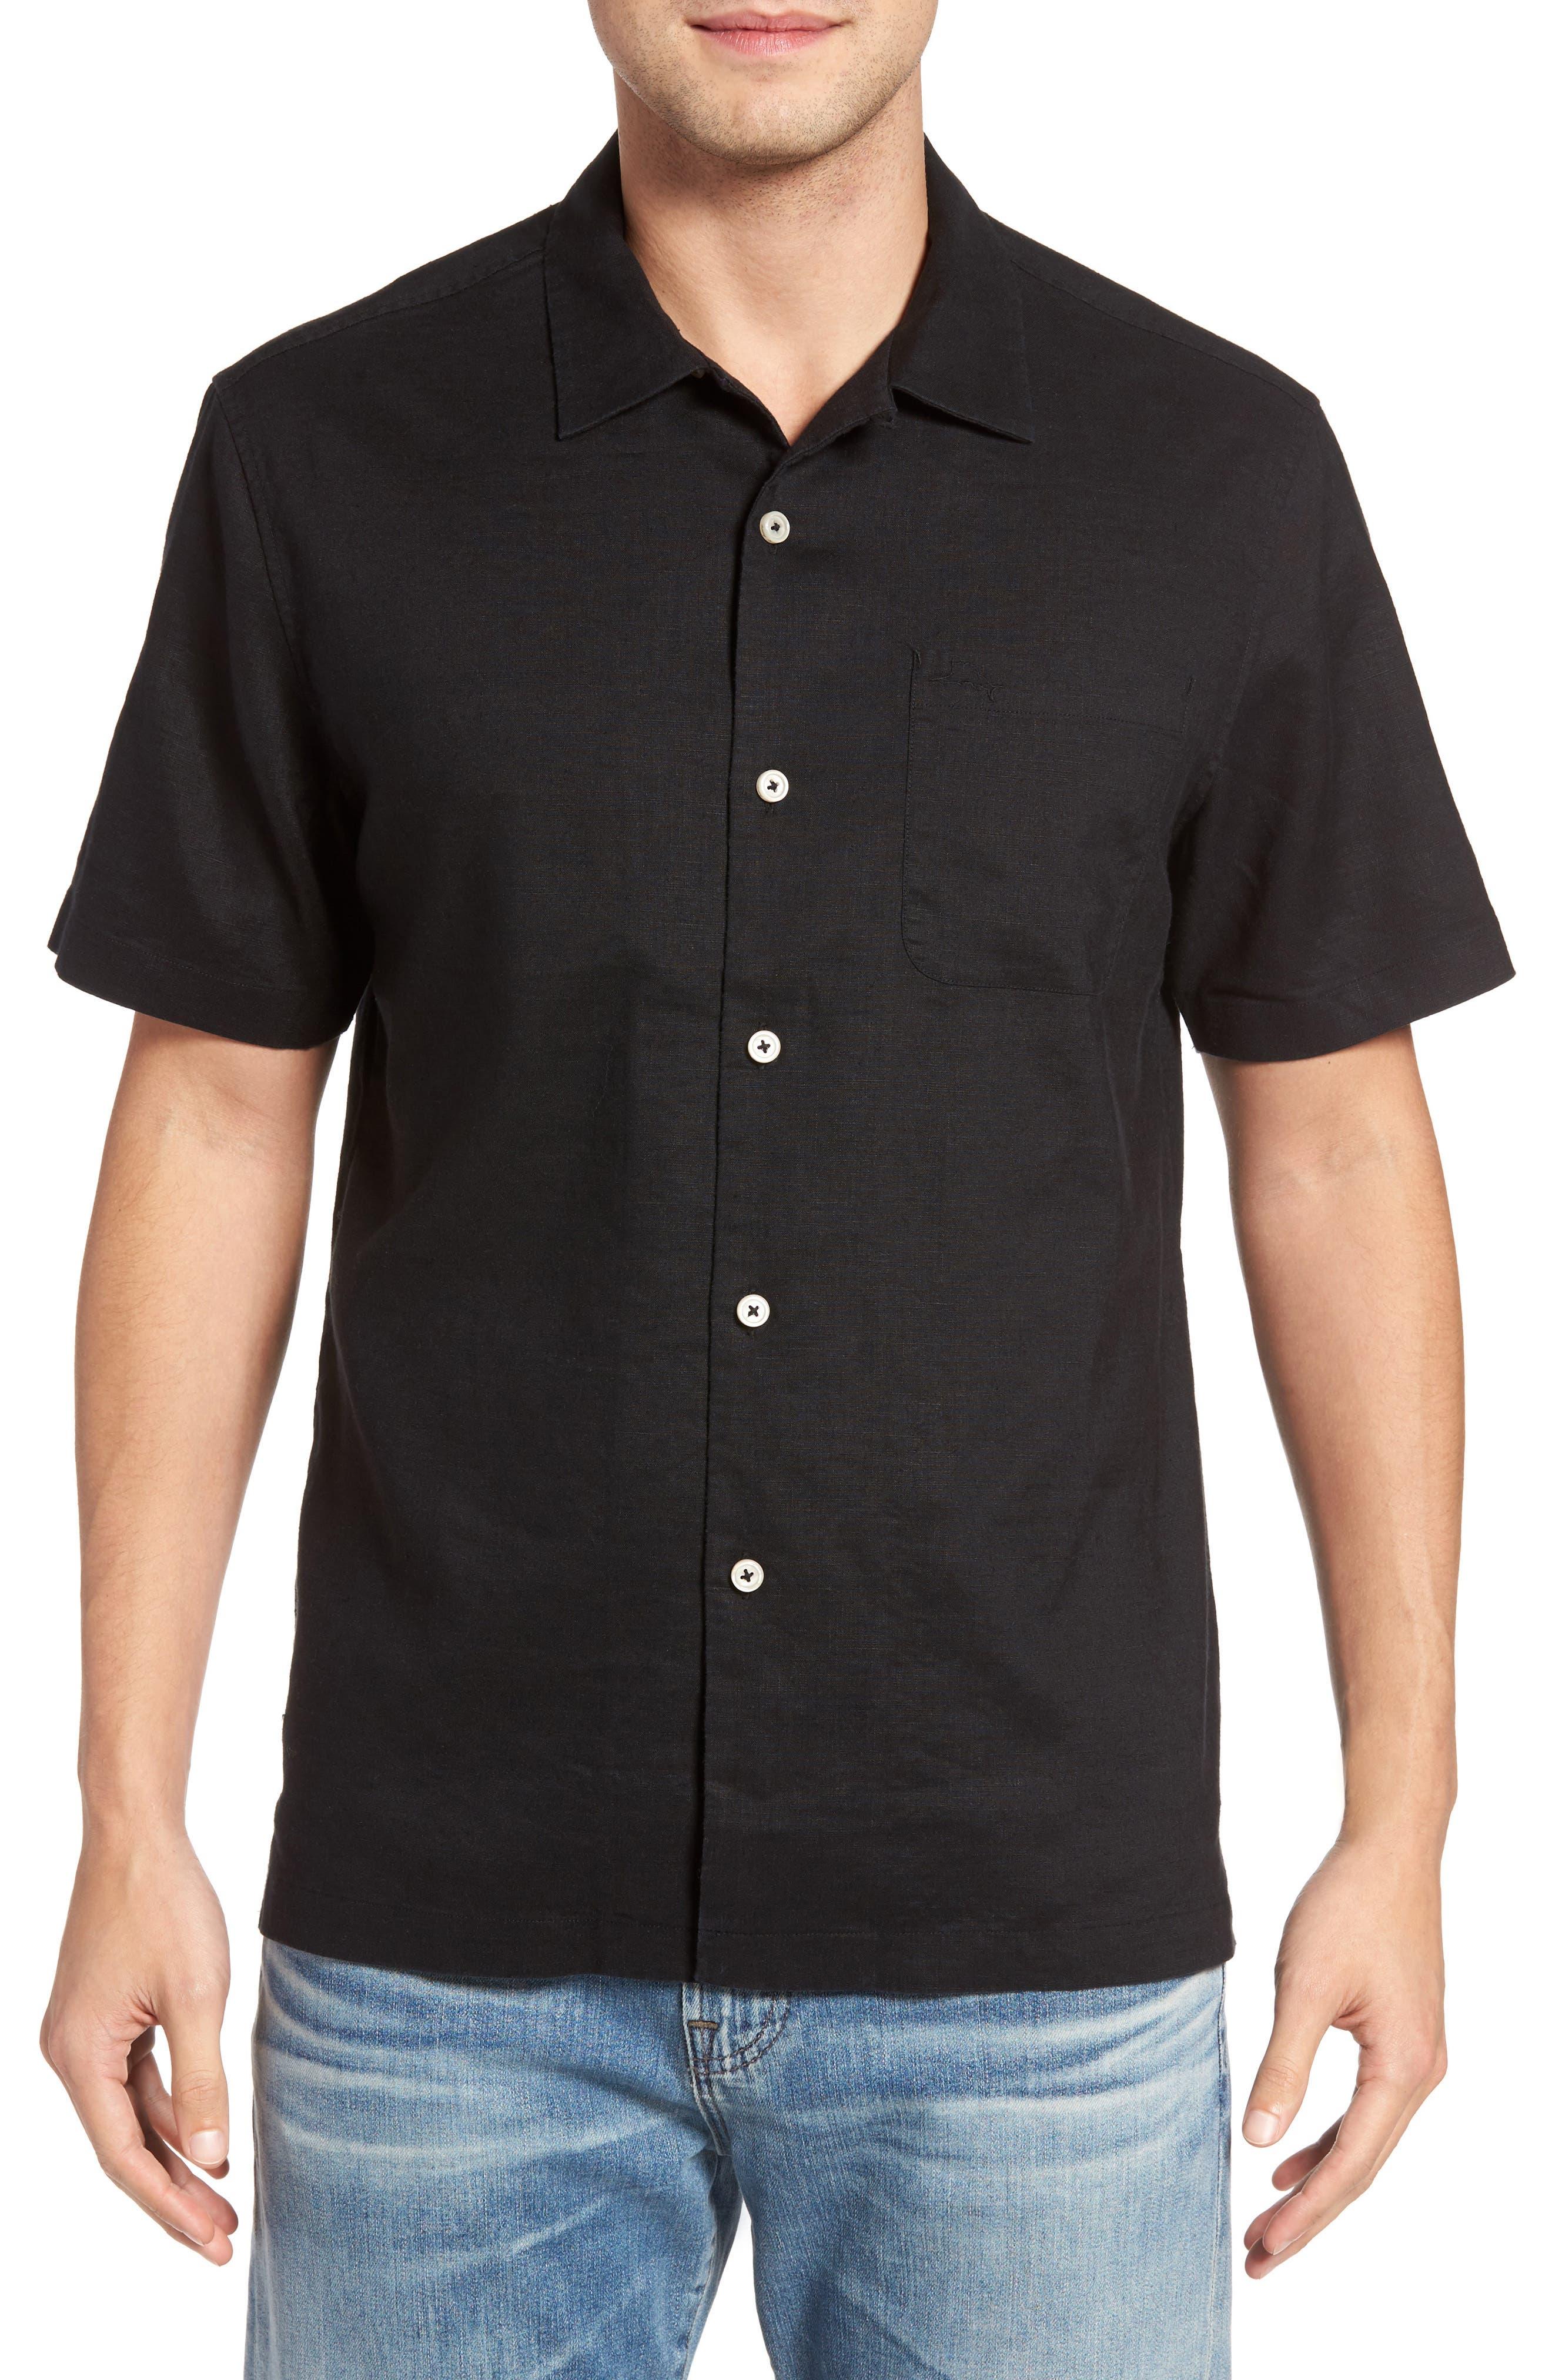 Monaco Tides Linen Blend Camp Shirt,                             Main thumbnail 1, color,                             Black